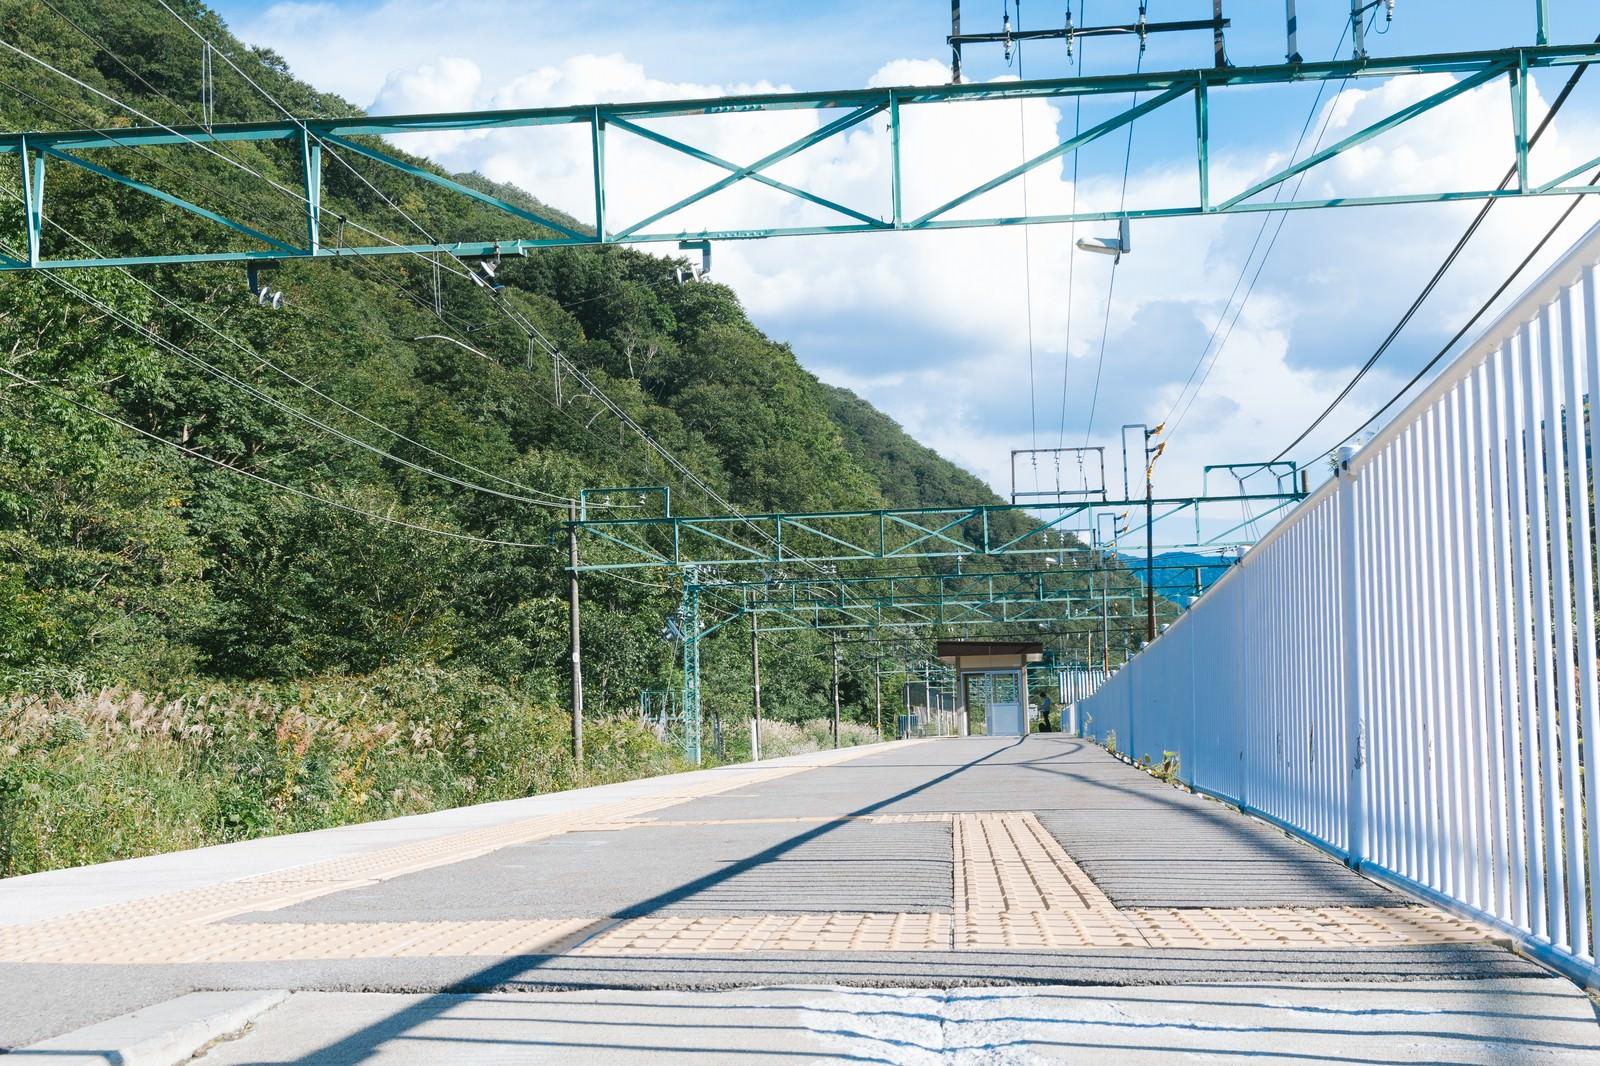 「土合駅の上りホーム(地上)」の写真